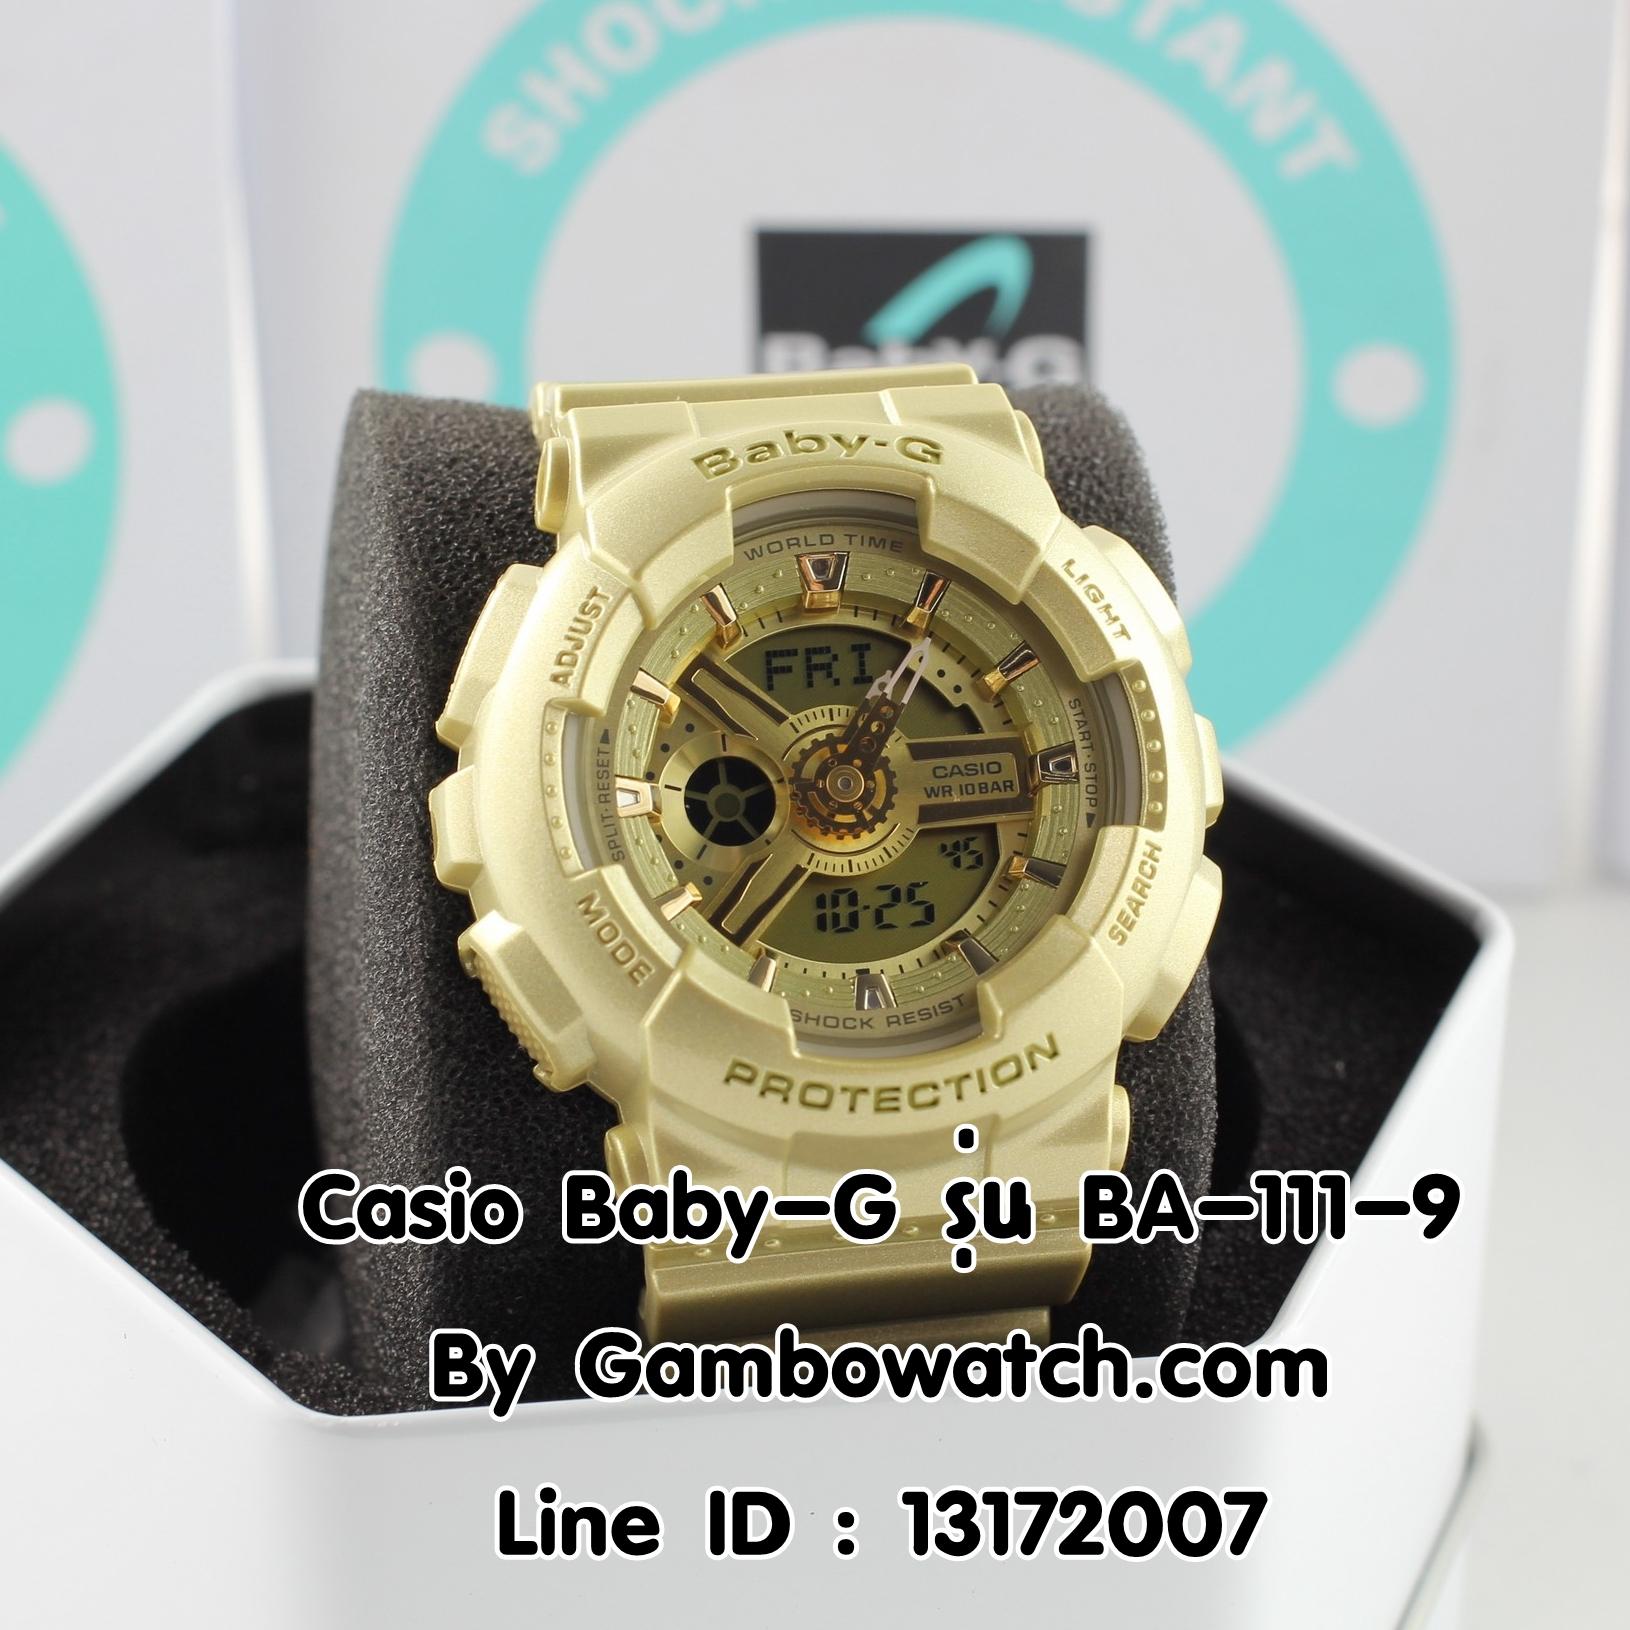 นาฬิกาข้อมือ คาสิโอ Casio Baby-G รุ่น BA-111-9